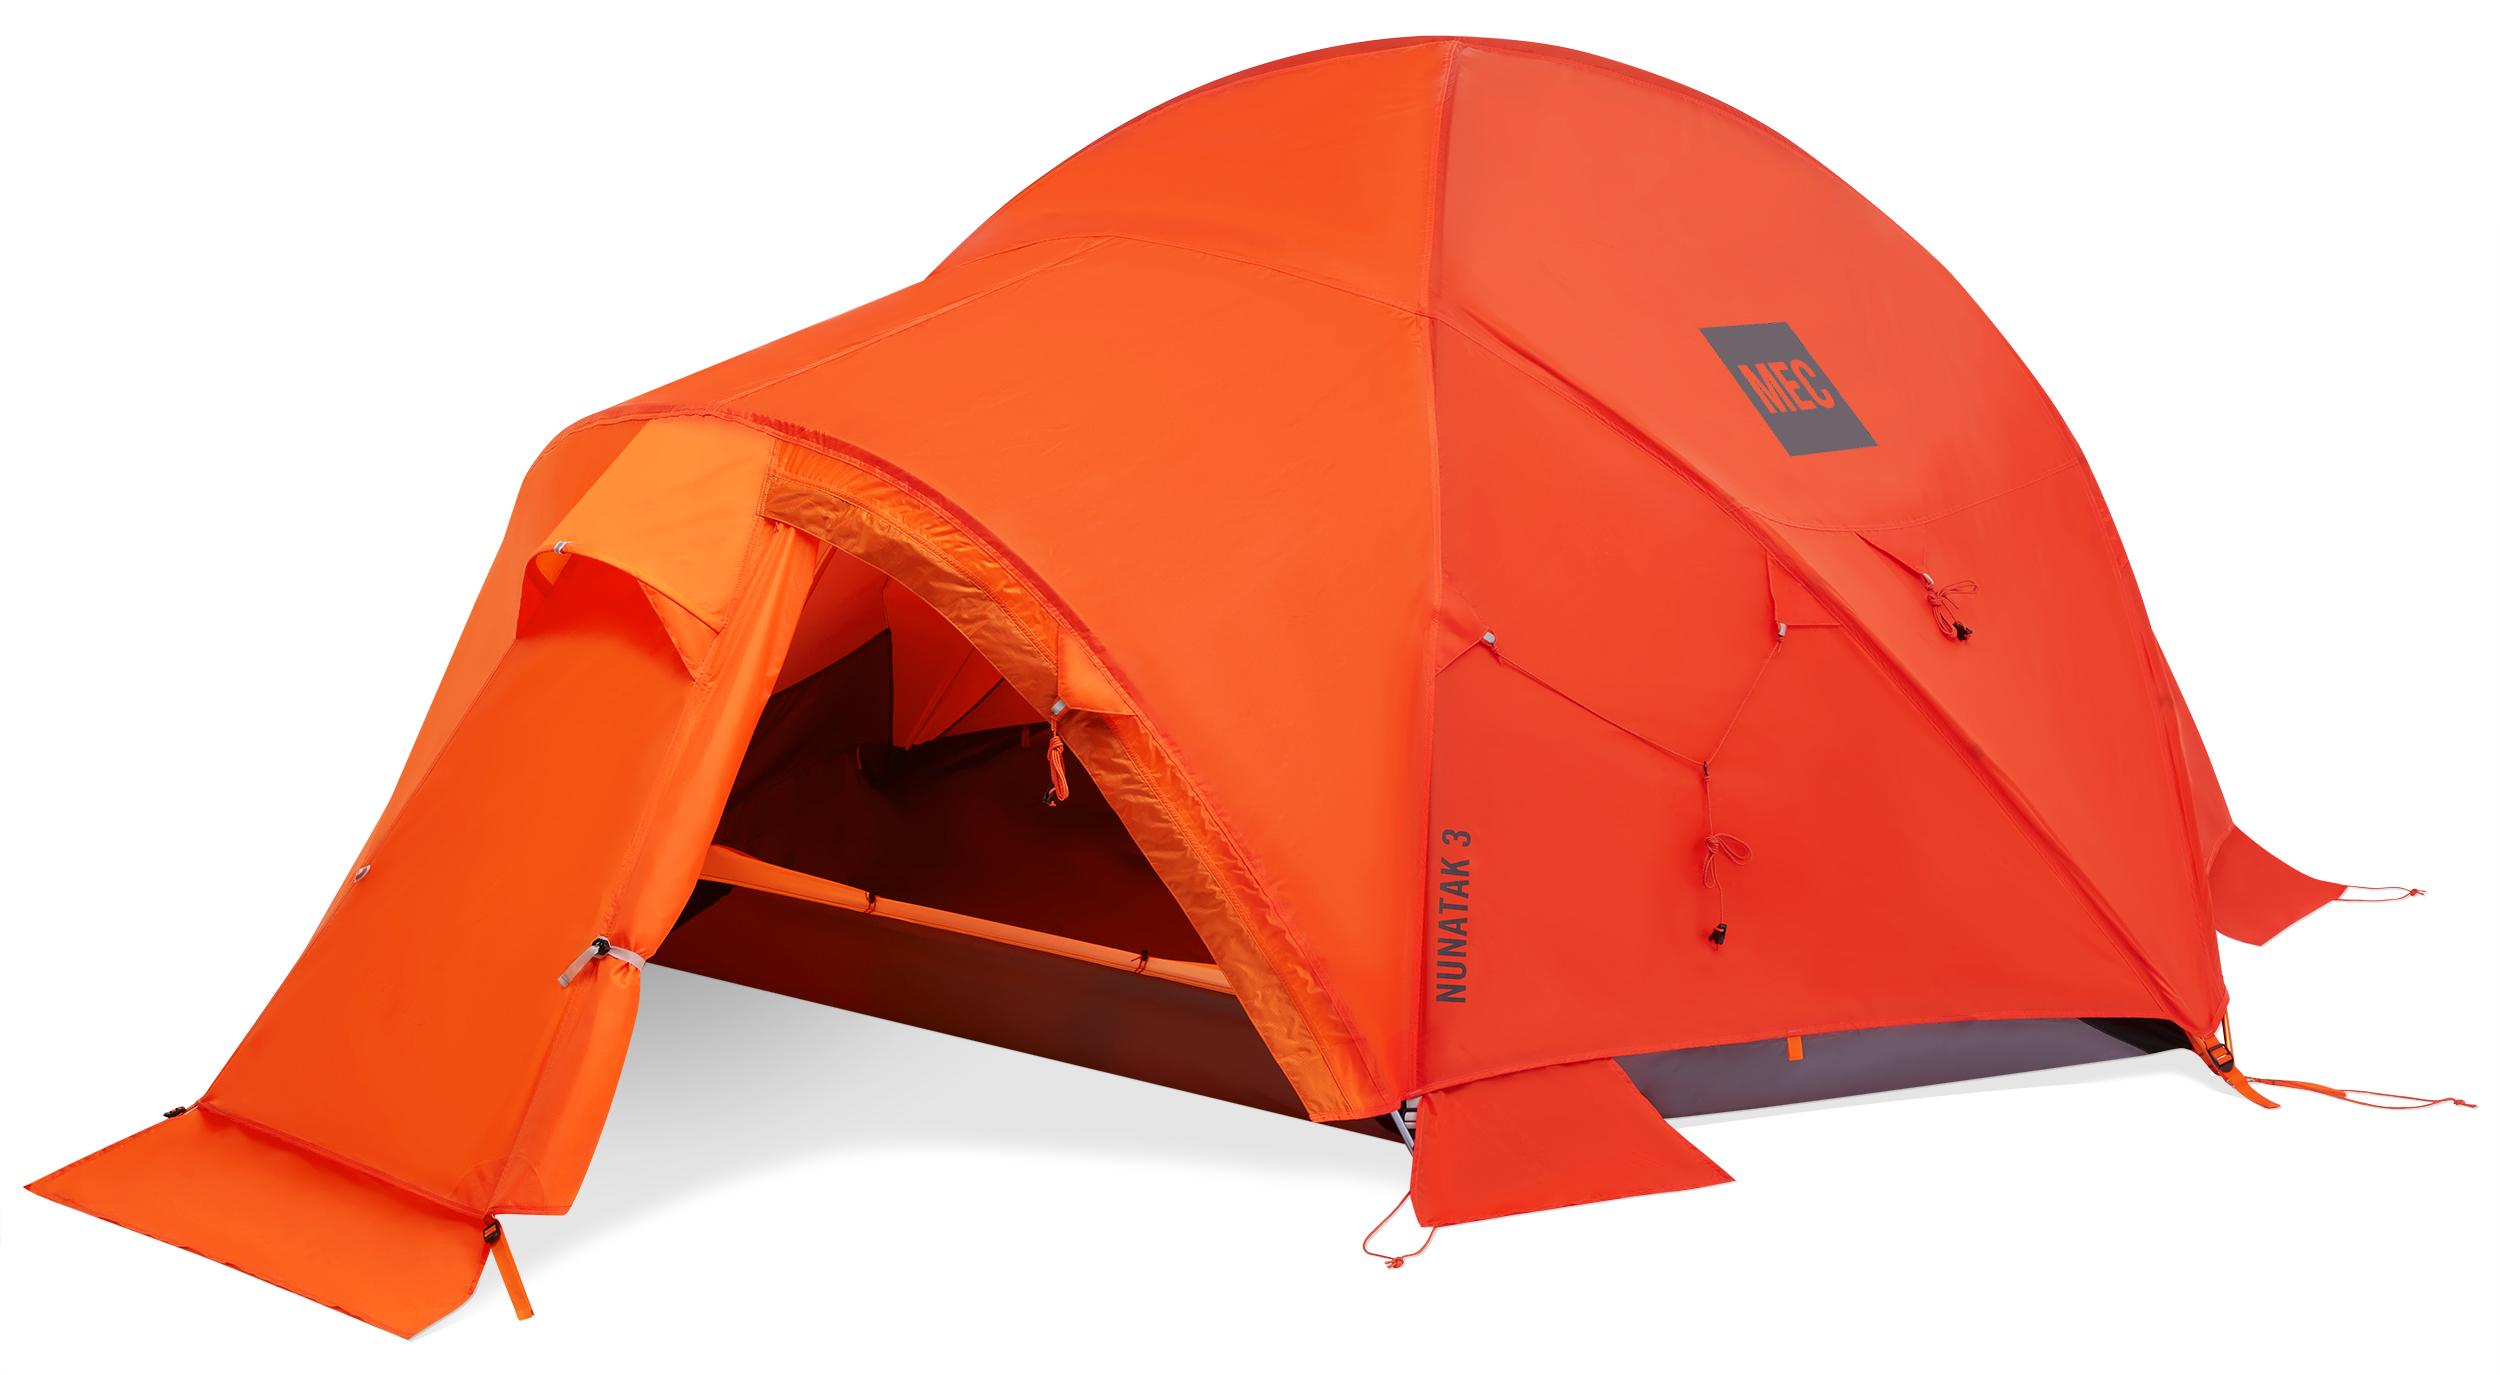 sc 1 st  MEC & MEC Tents